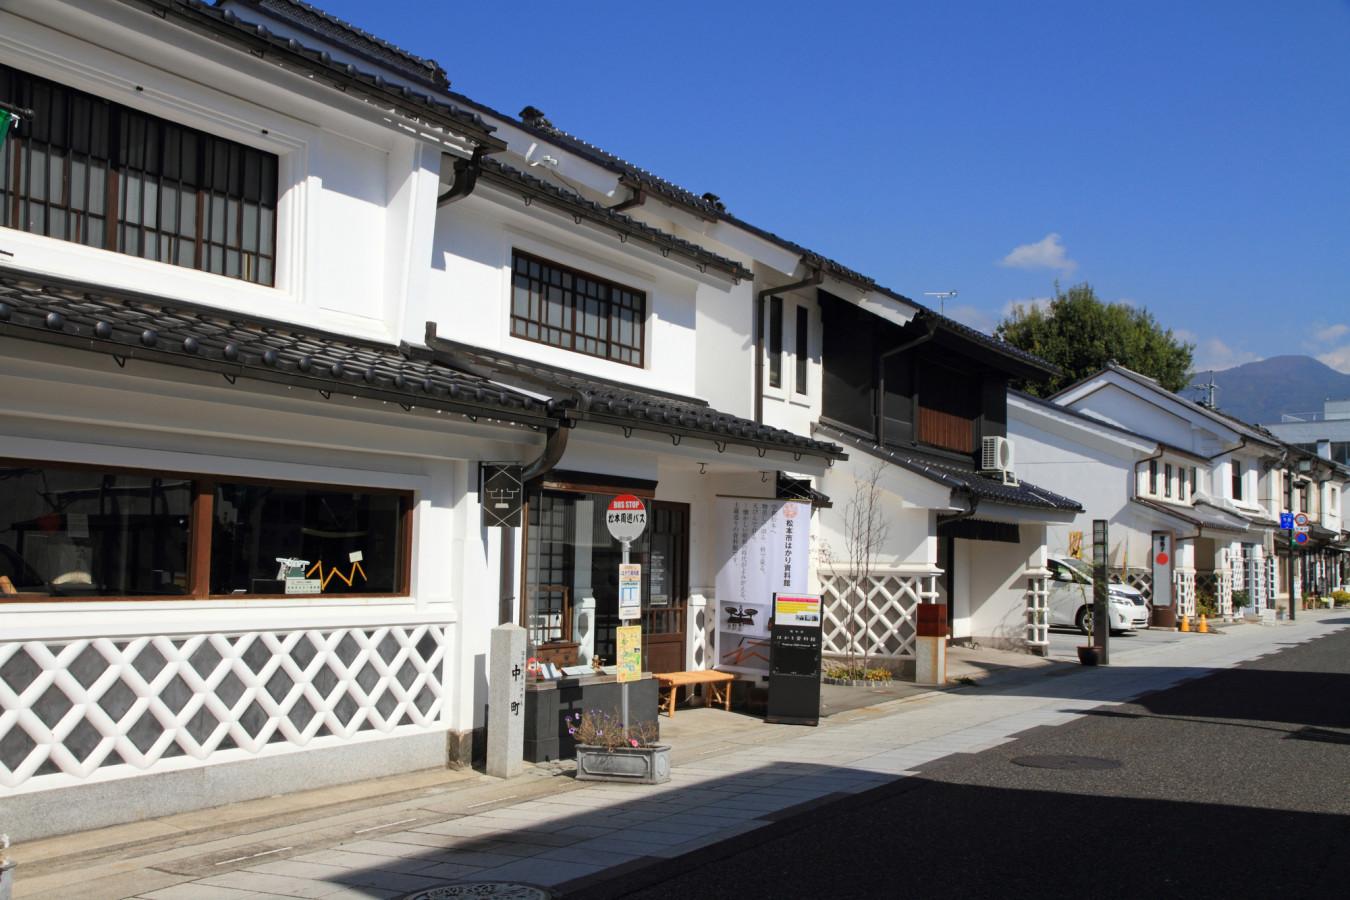 松本市の街並み